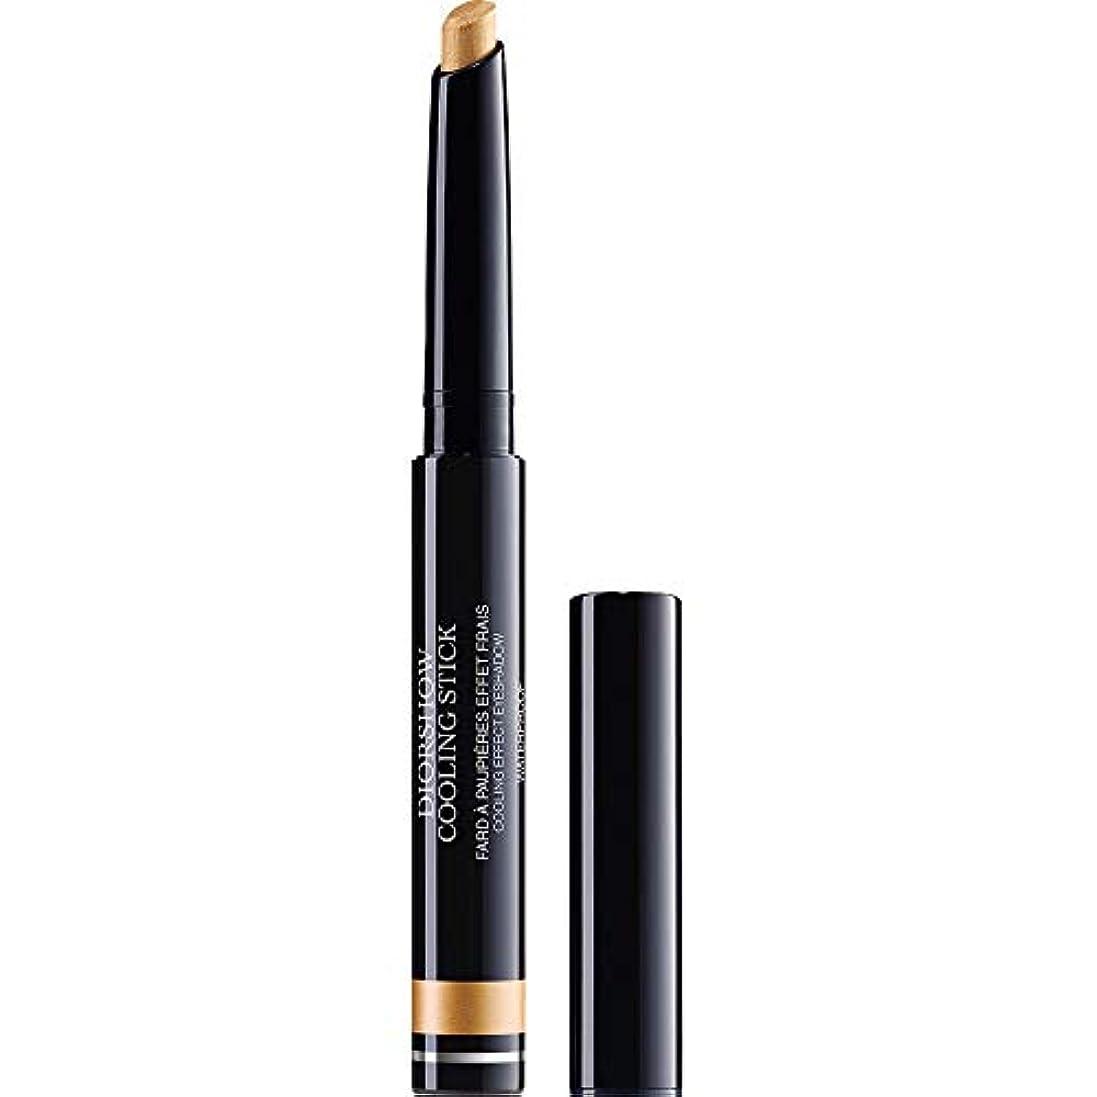 賞家事公然と[Dior ] ディオールDiorshow冷却スティックアイシャドウ1.6グラム002 - 金スプラッシュ - DIOR Diorshow Cooling Stick Eyeshadow 1.6g 002 - Gold...